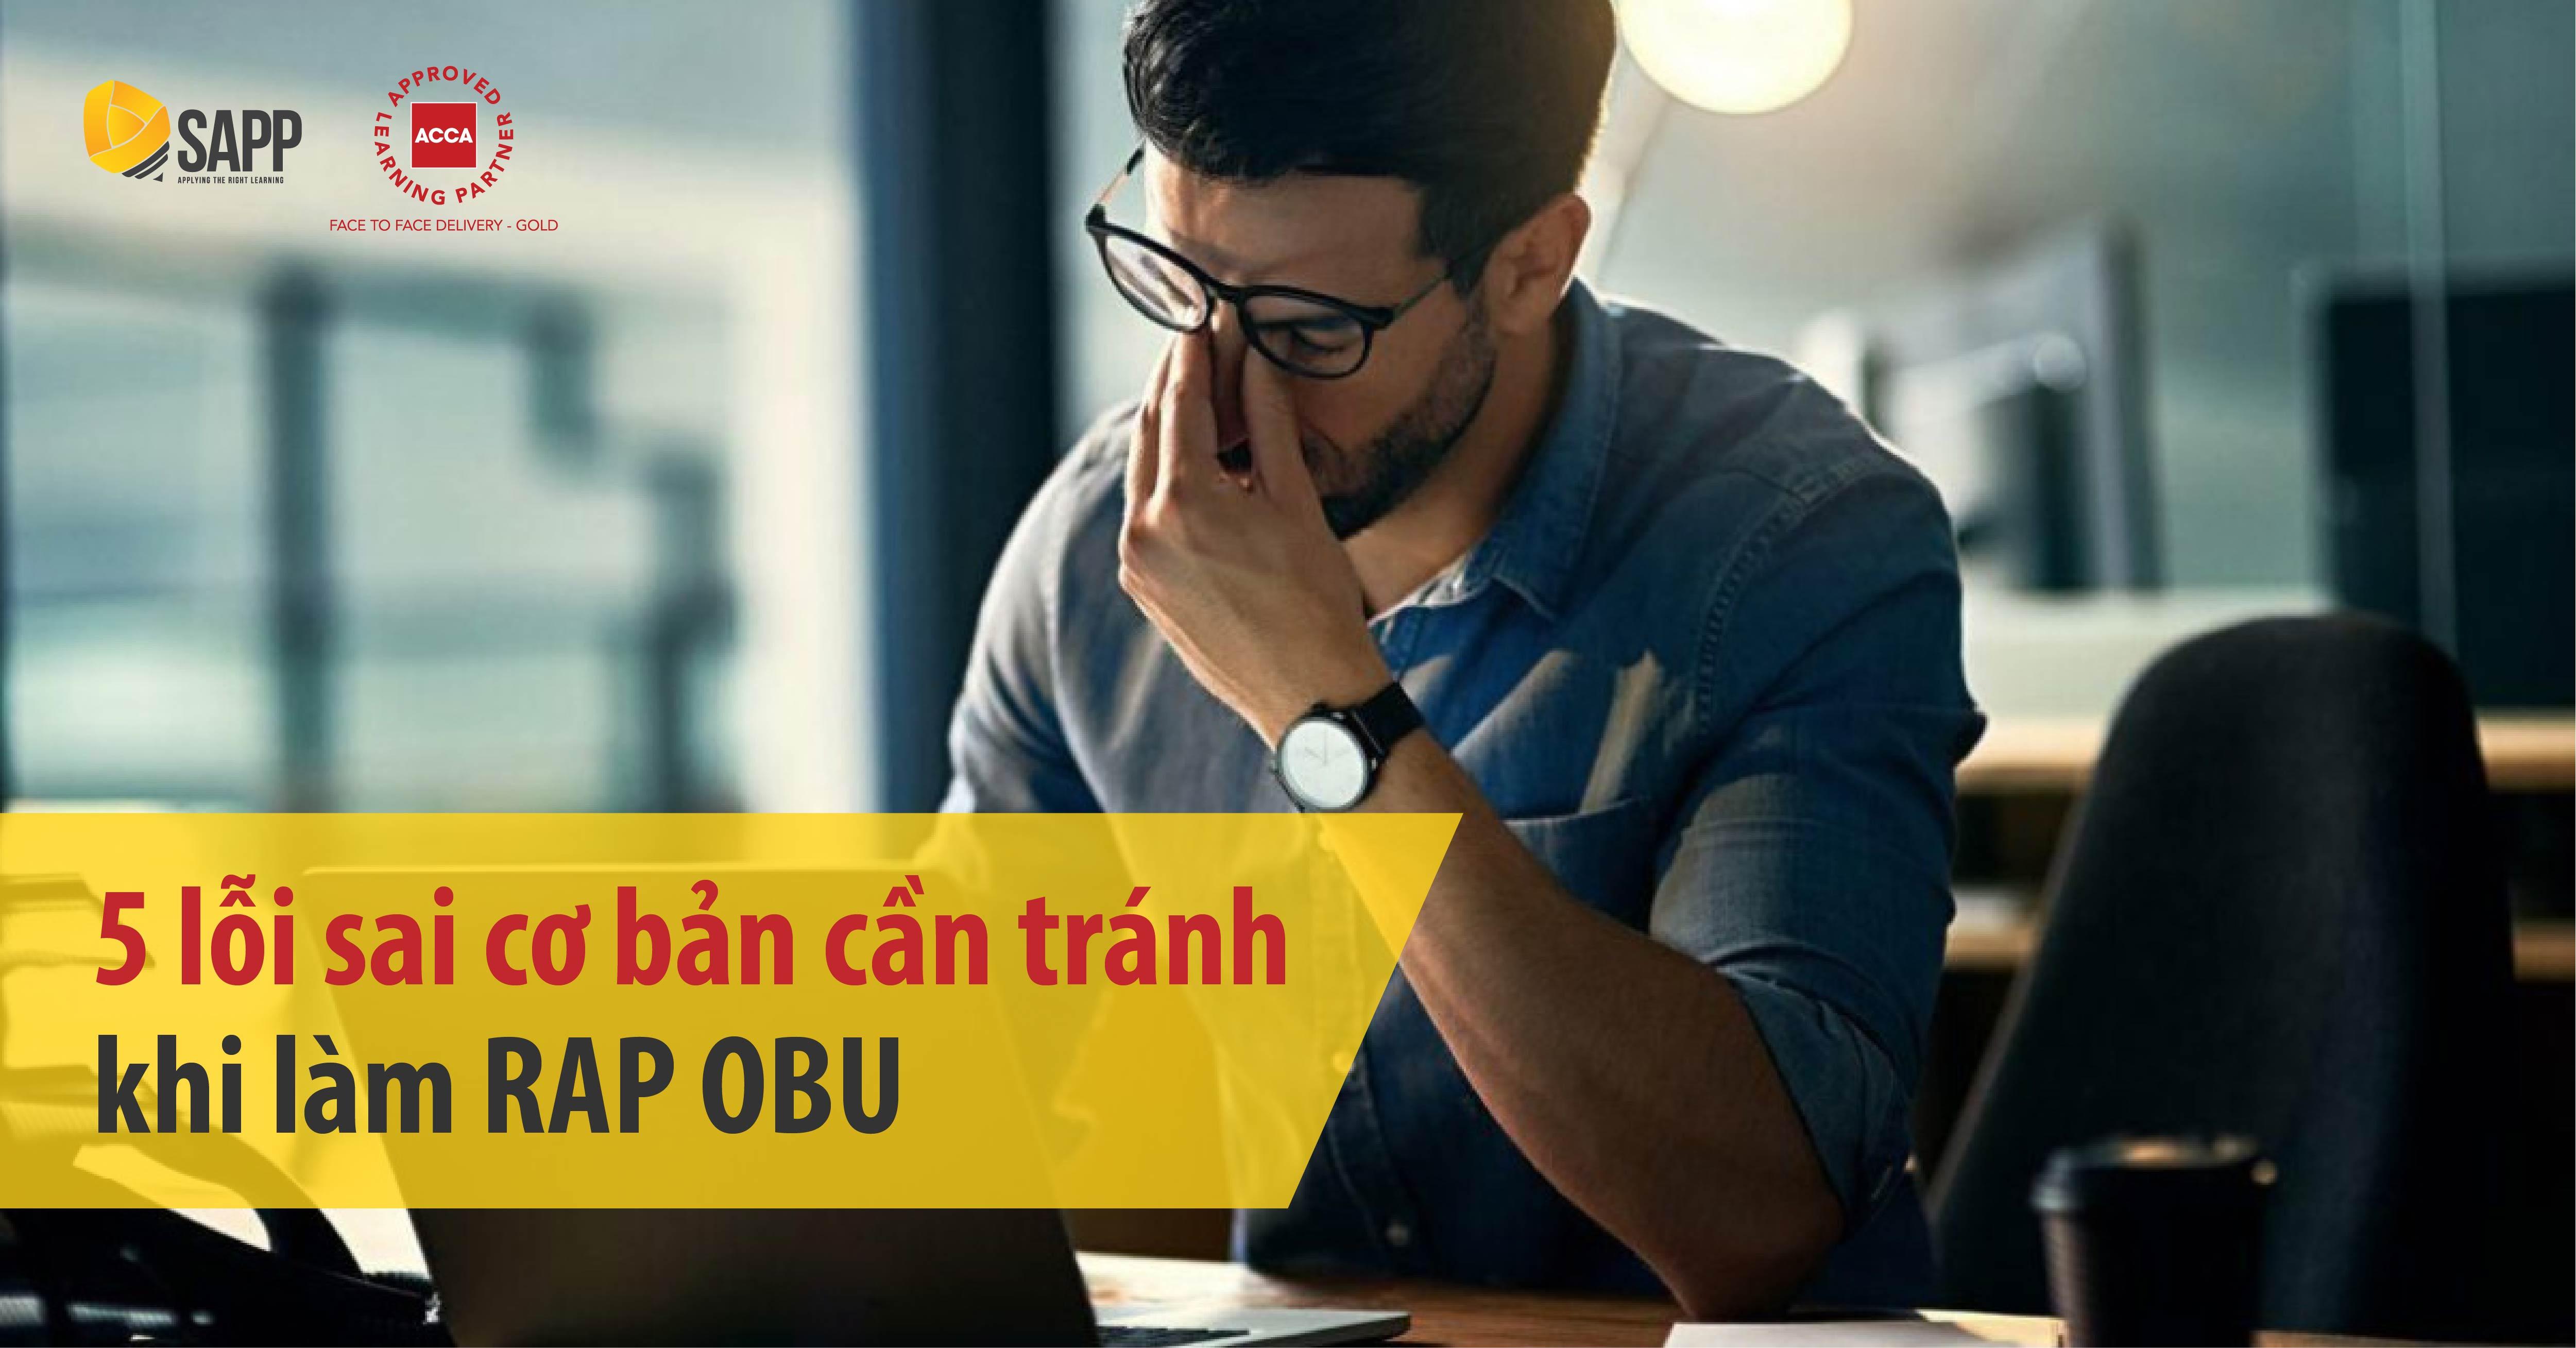 5 lỗi sai cơ bản cần tránh khi làm RAP OBU